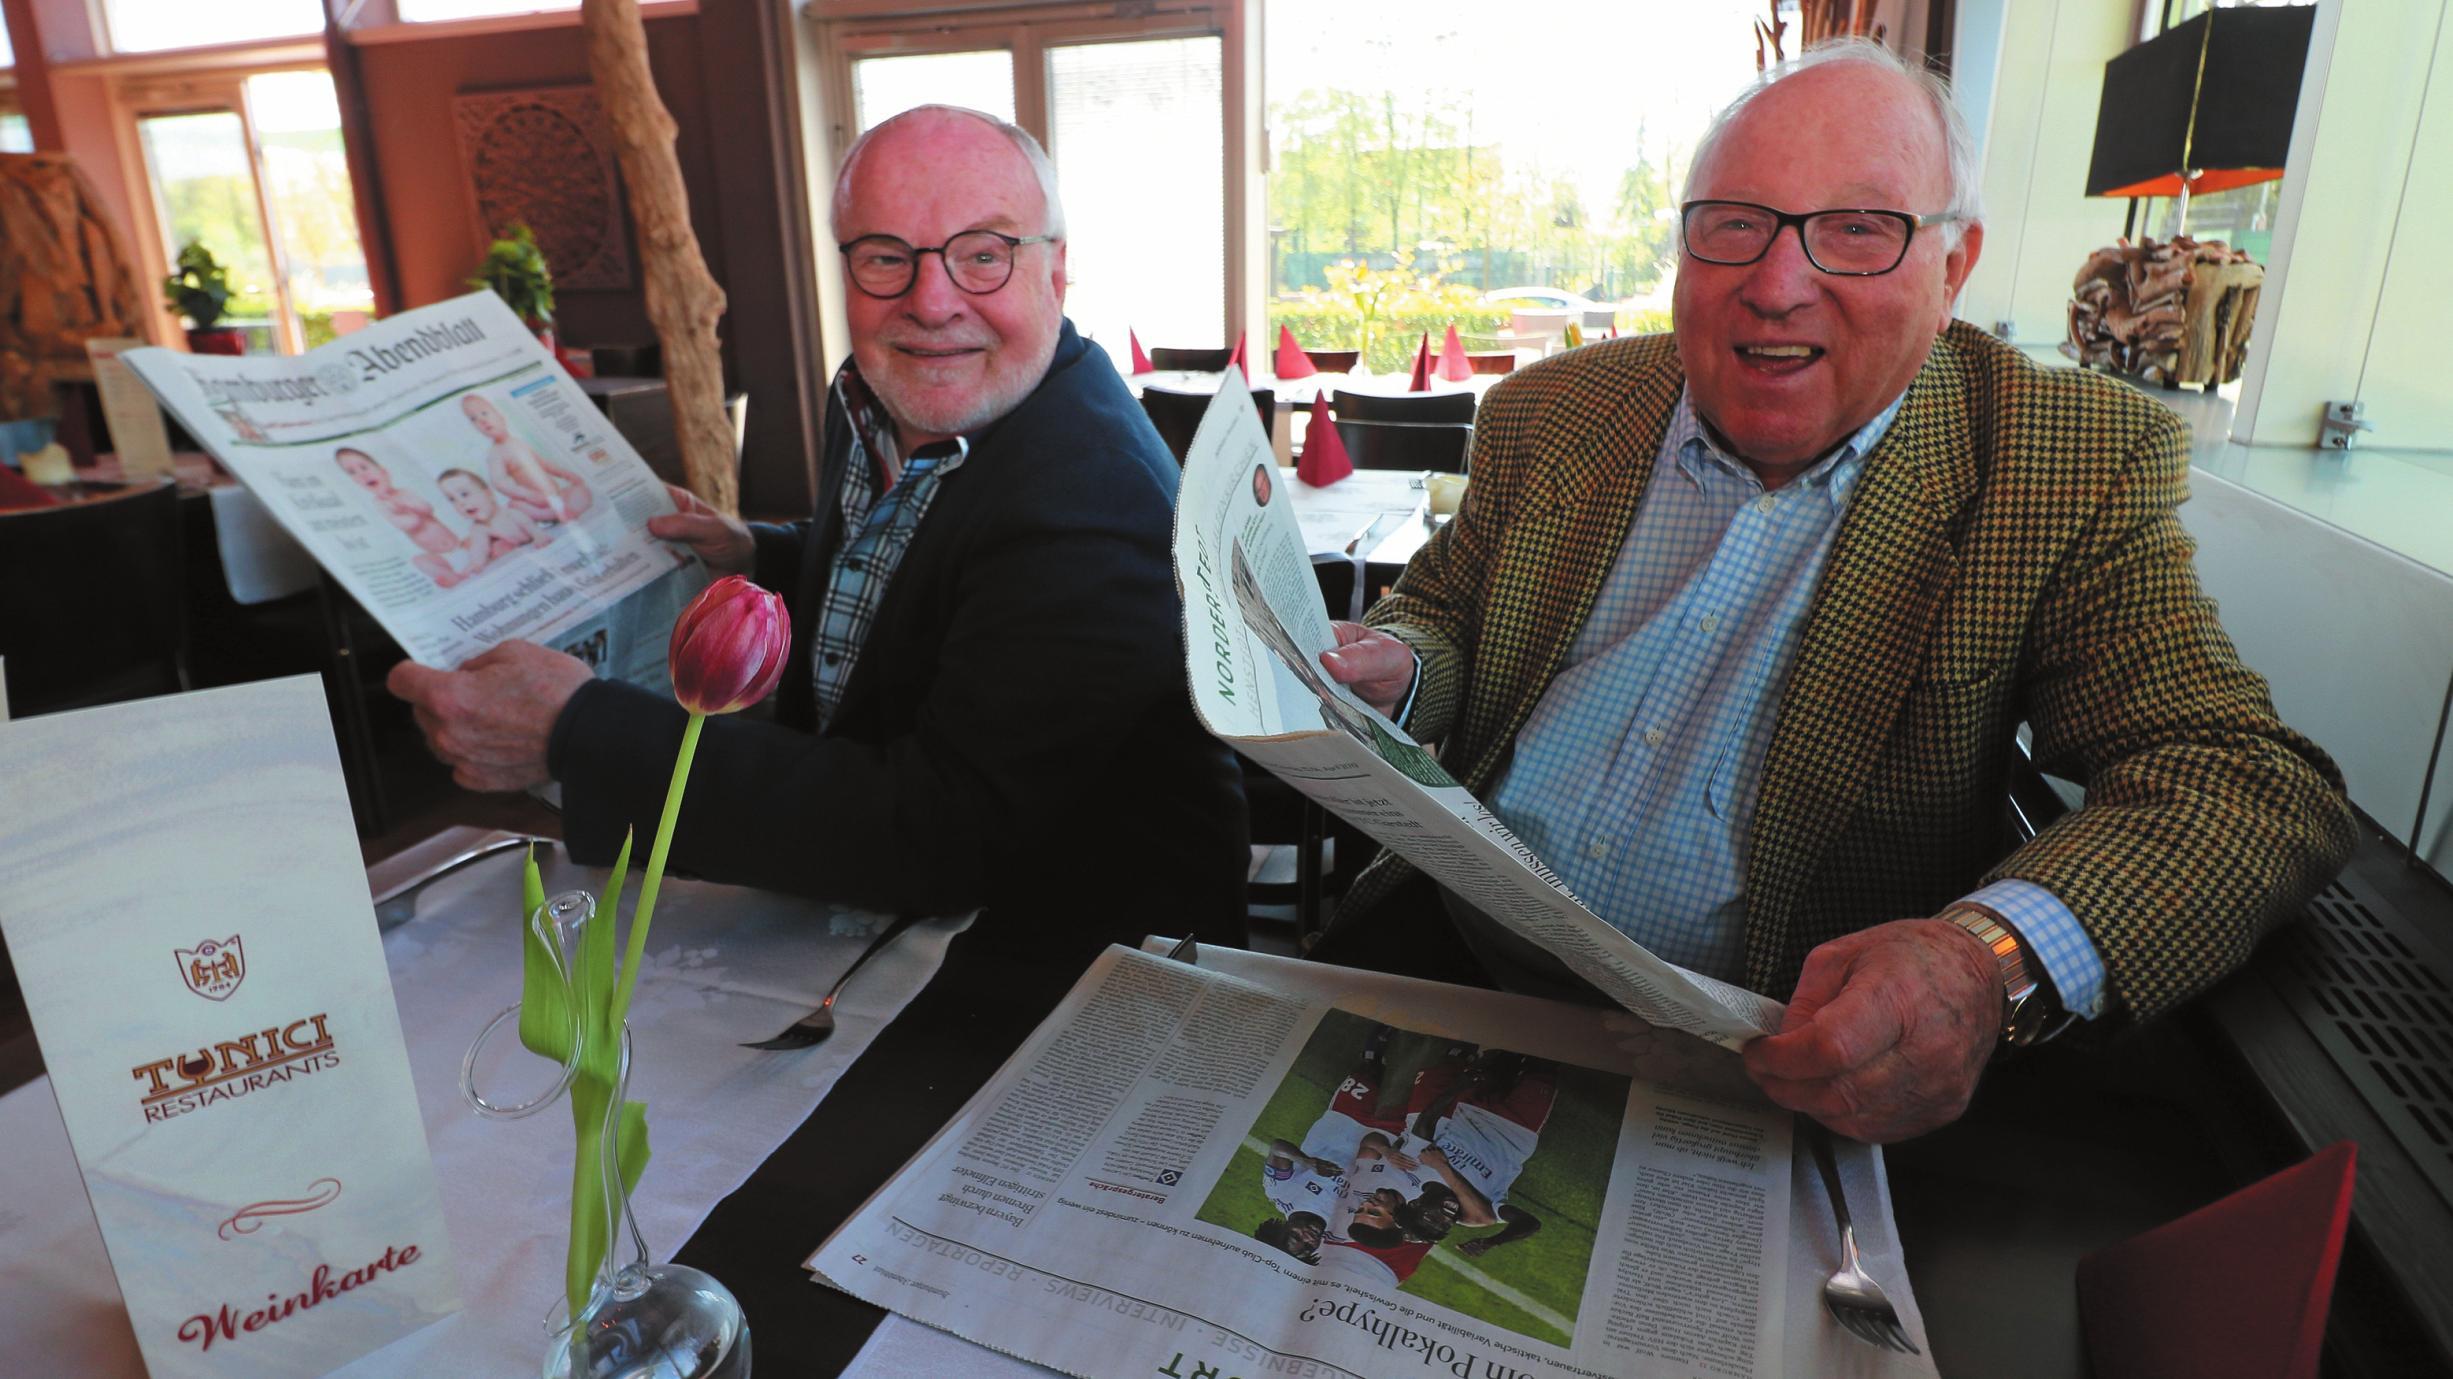 Ob über den Hamburger SV, Eintracht Norderstedt, Weltpolitik oder die Geschichten aus der Umgebung: Uwe Seeler und Eddy Münch sind treue Abendblatt-Leser. FOTO: CHRISTOPHER HERBST